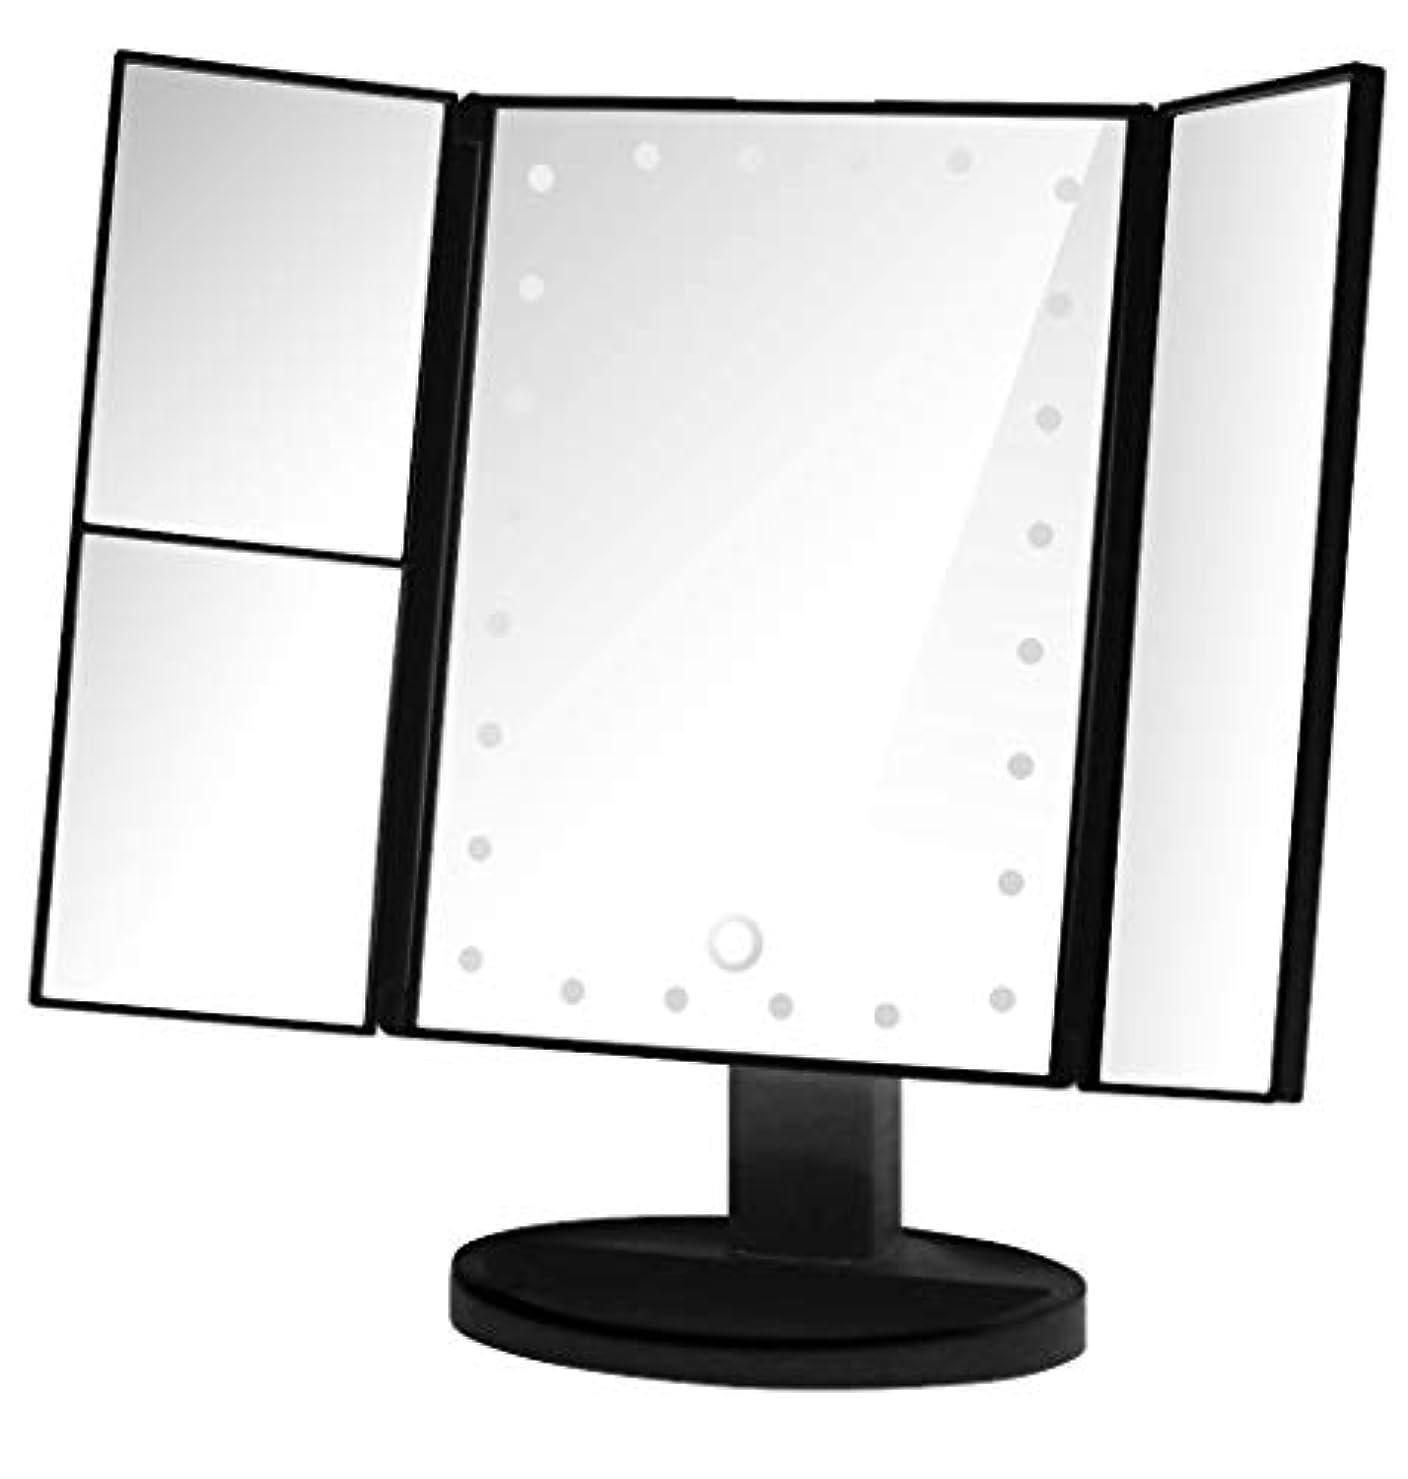 残酷エンジニアリングセーブ化粧鏡 LED 三面鏡 卓上鏡 鏡 拡大鏡付き ライト付きでメイクアップしやすい卓上ミラー (ブラック)